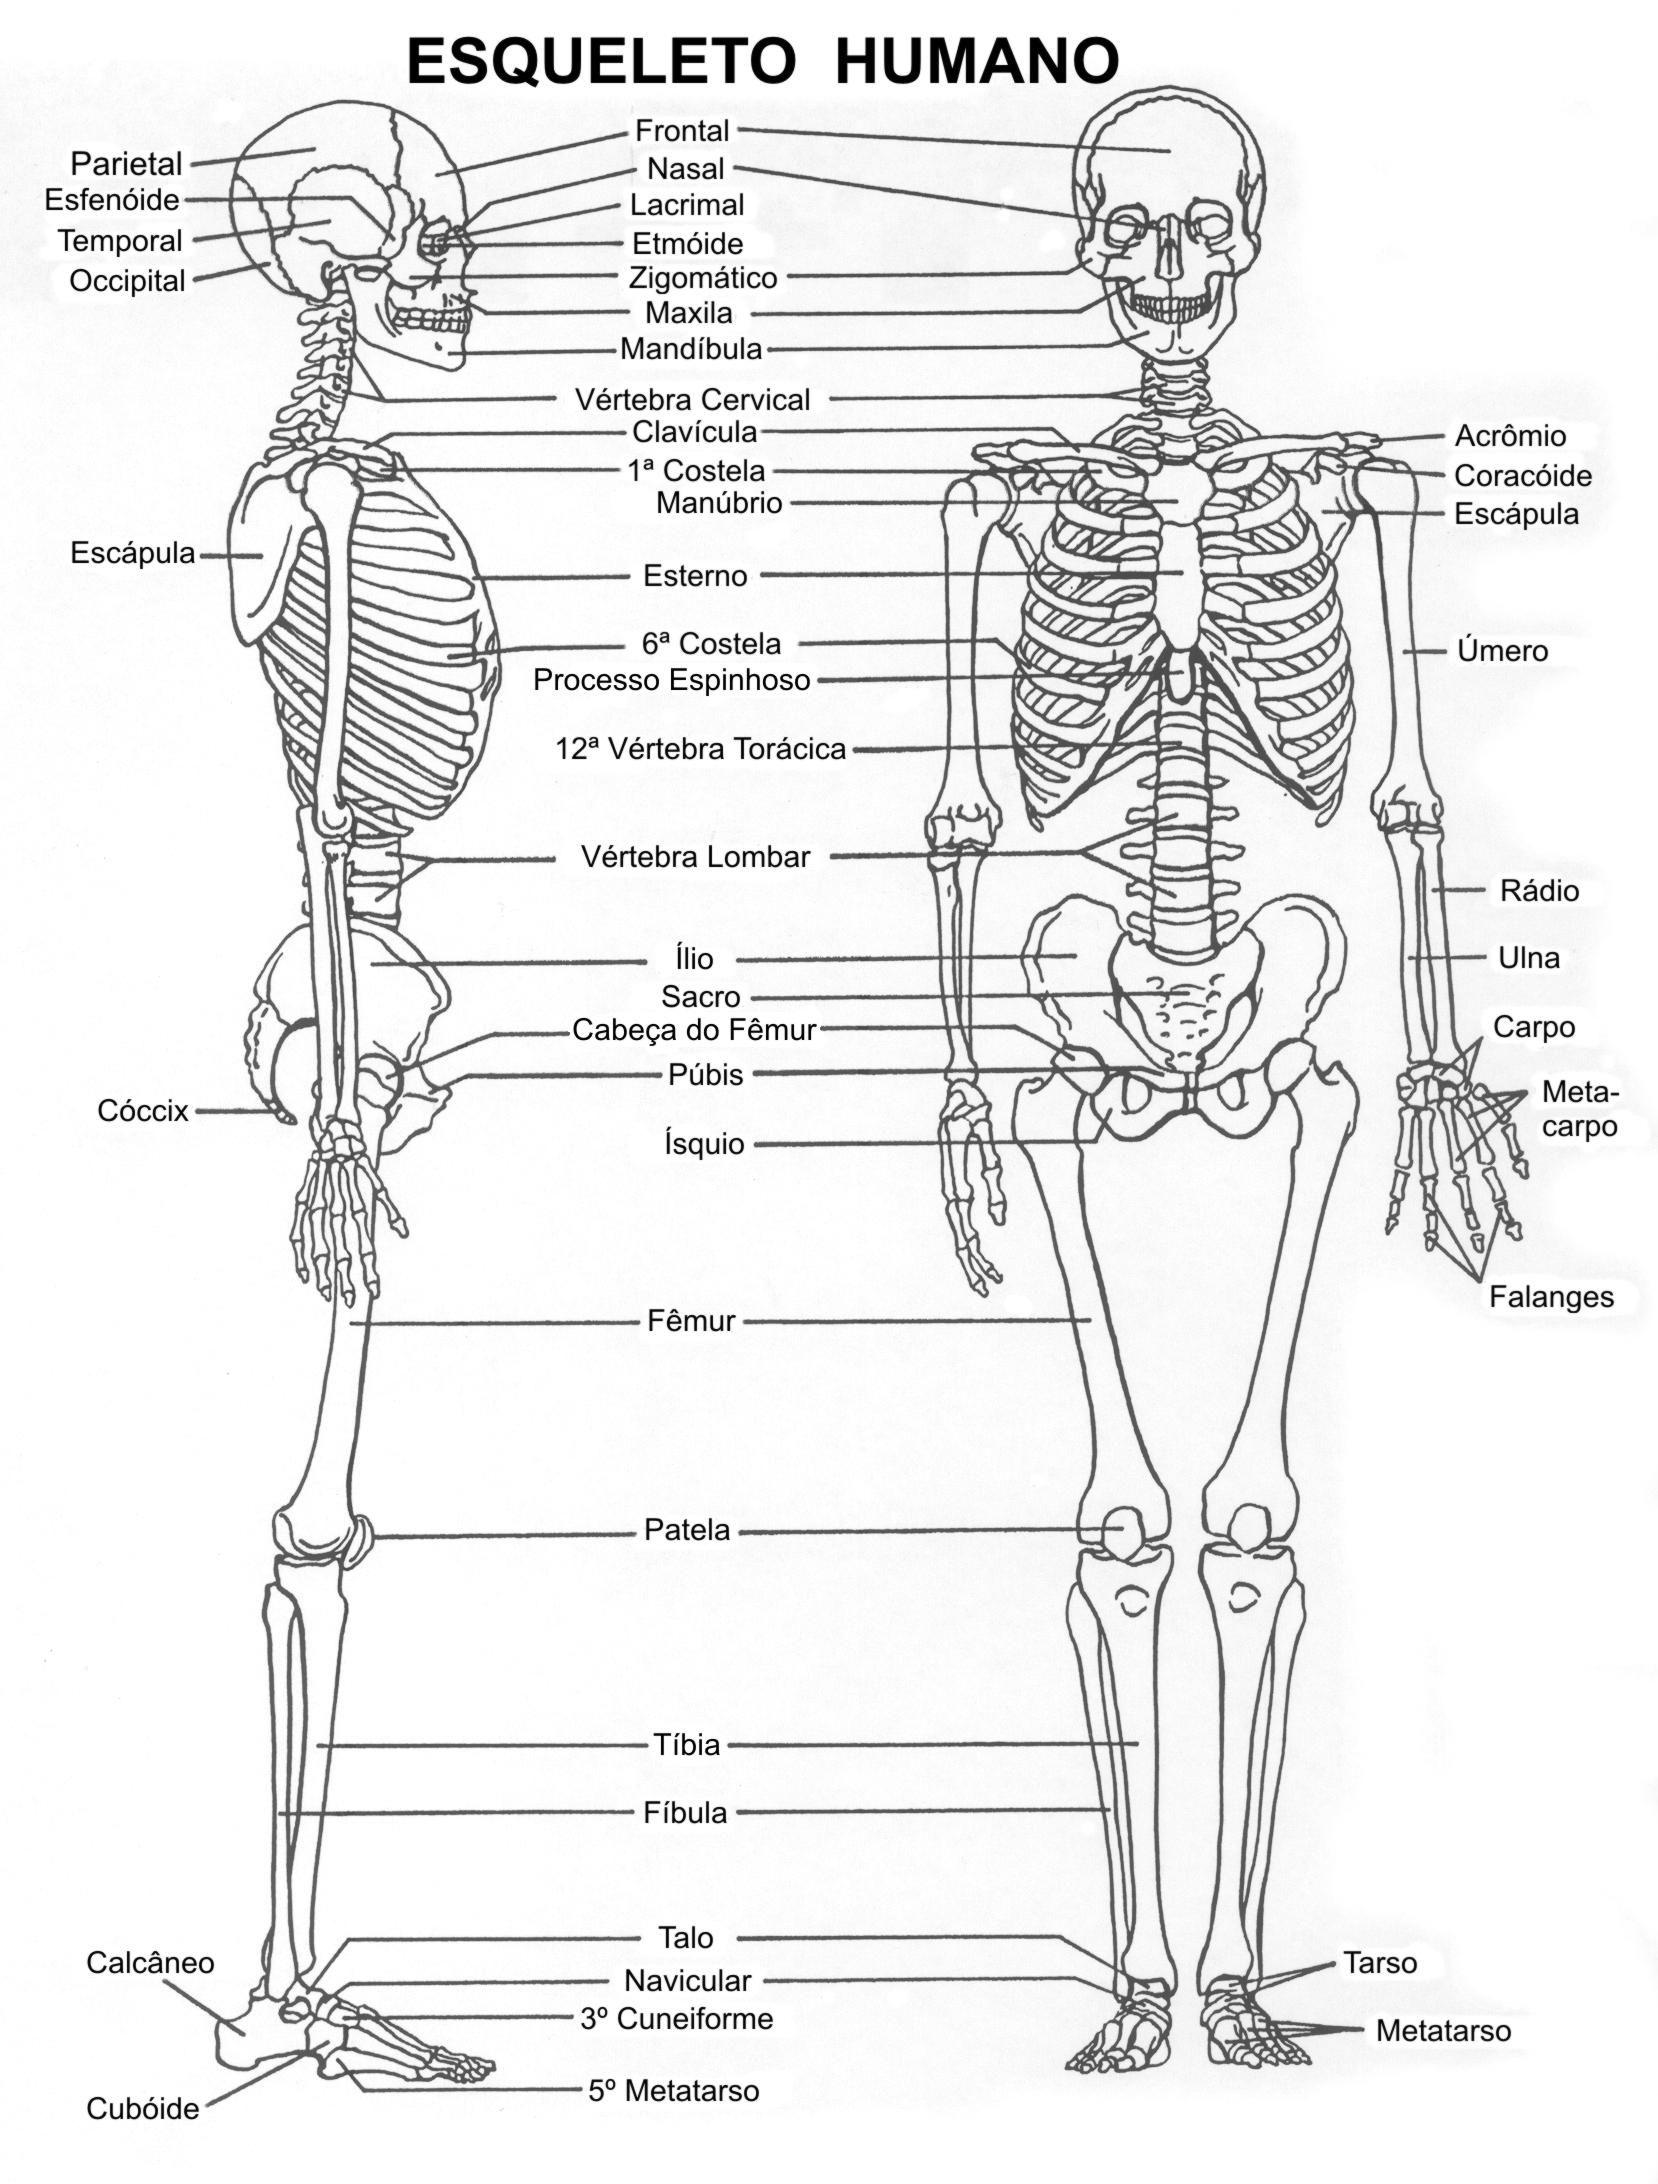 Esqueleto - Nombre de huesos | Anatomy | Pinterest | Huesos ...